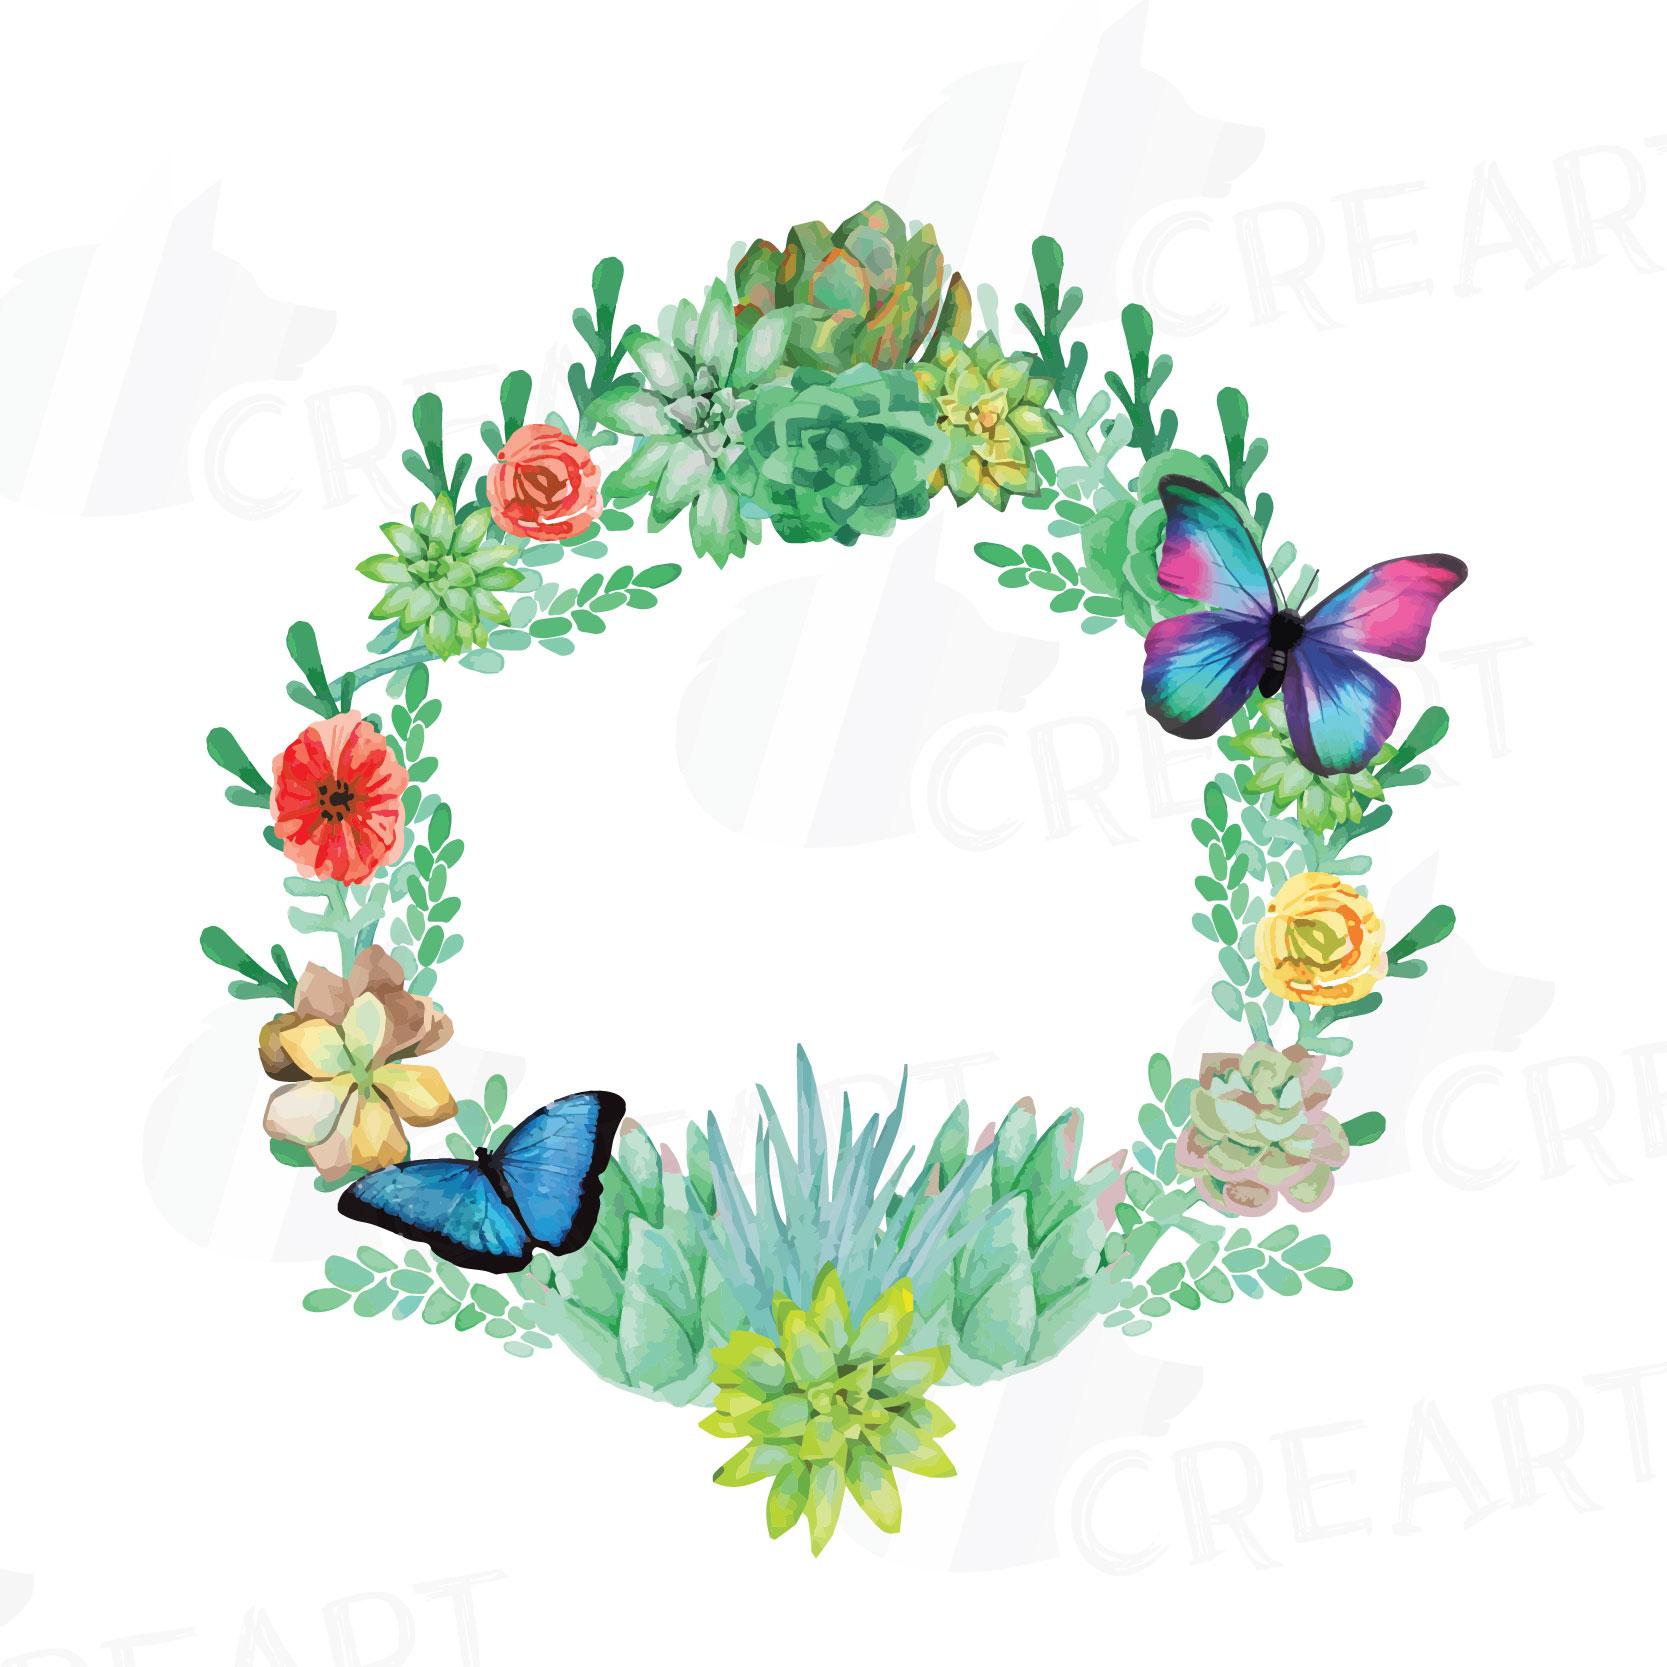 1667x1667 Watercolor Succulent Wreath, Valentine Design Bundles